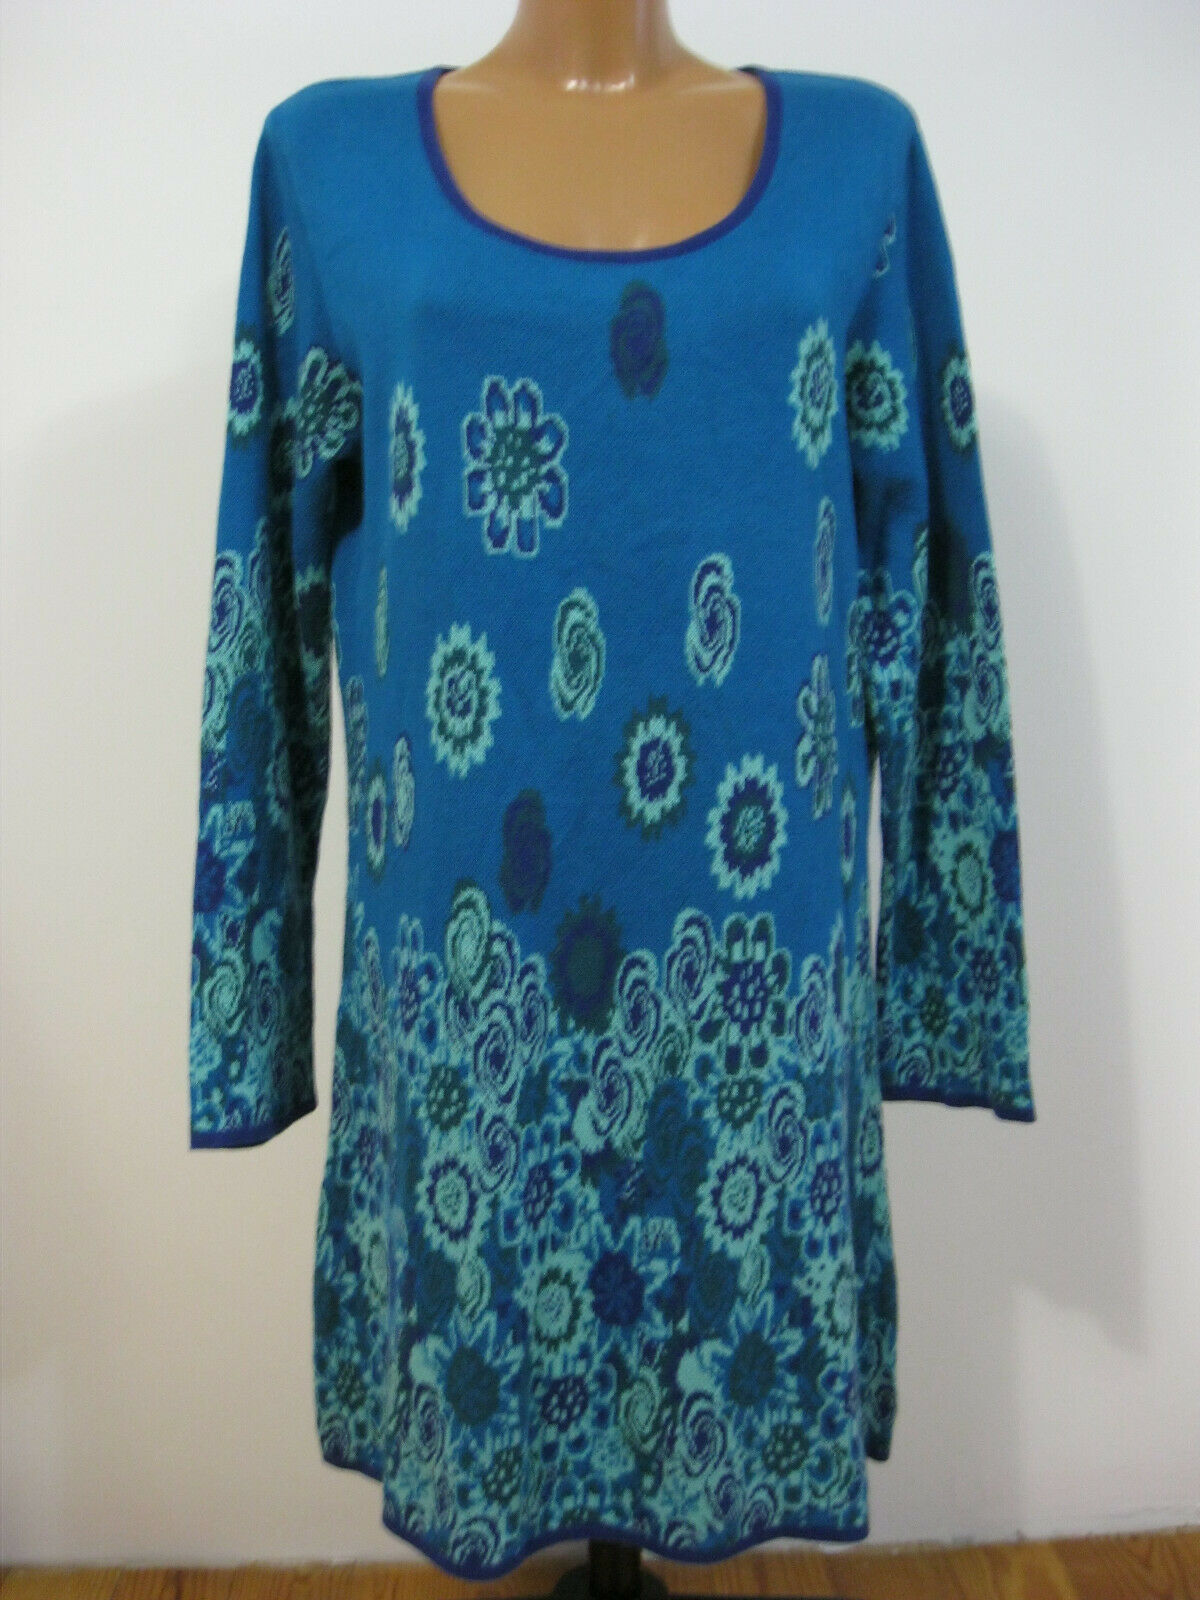 Deerberg Damen Kleid blau Gr. M